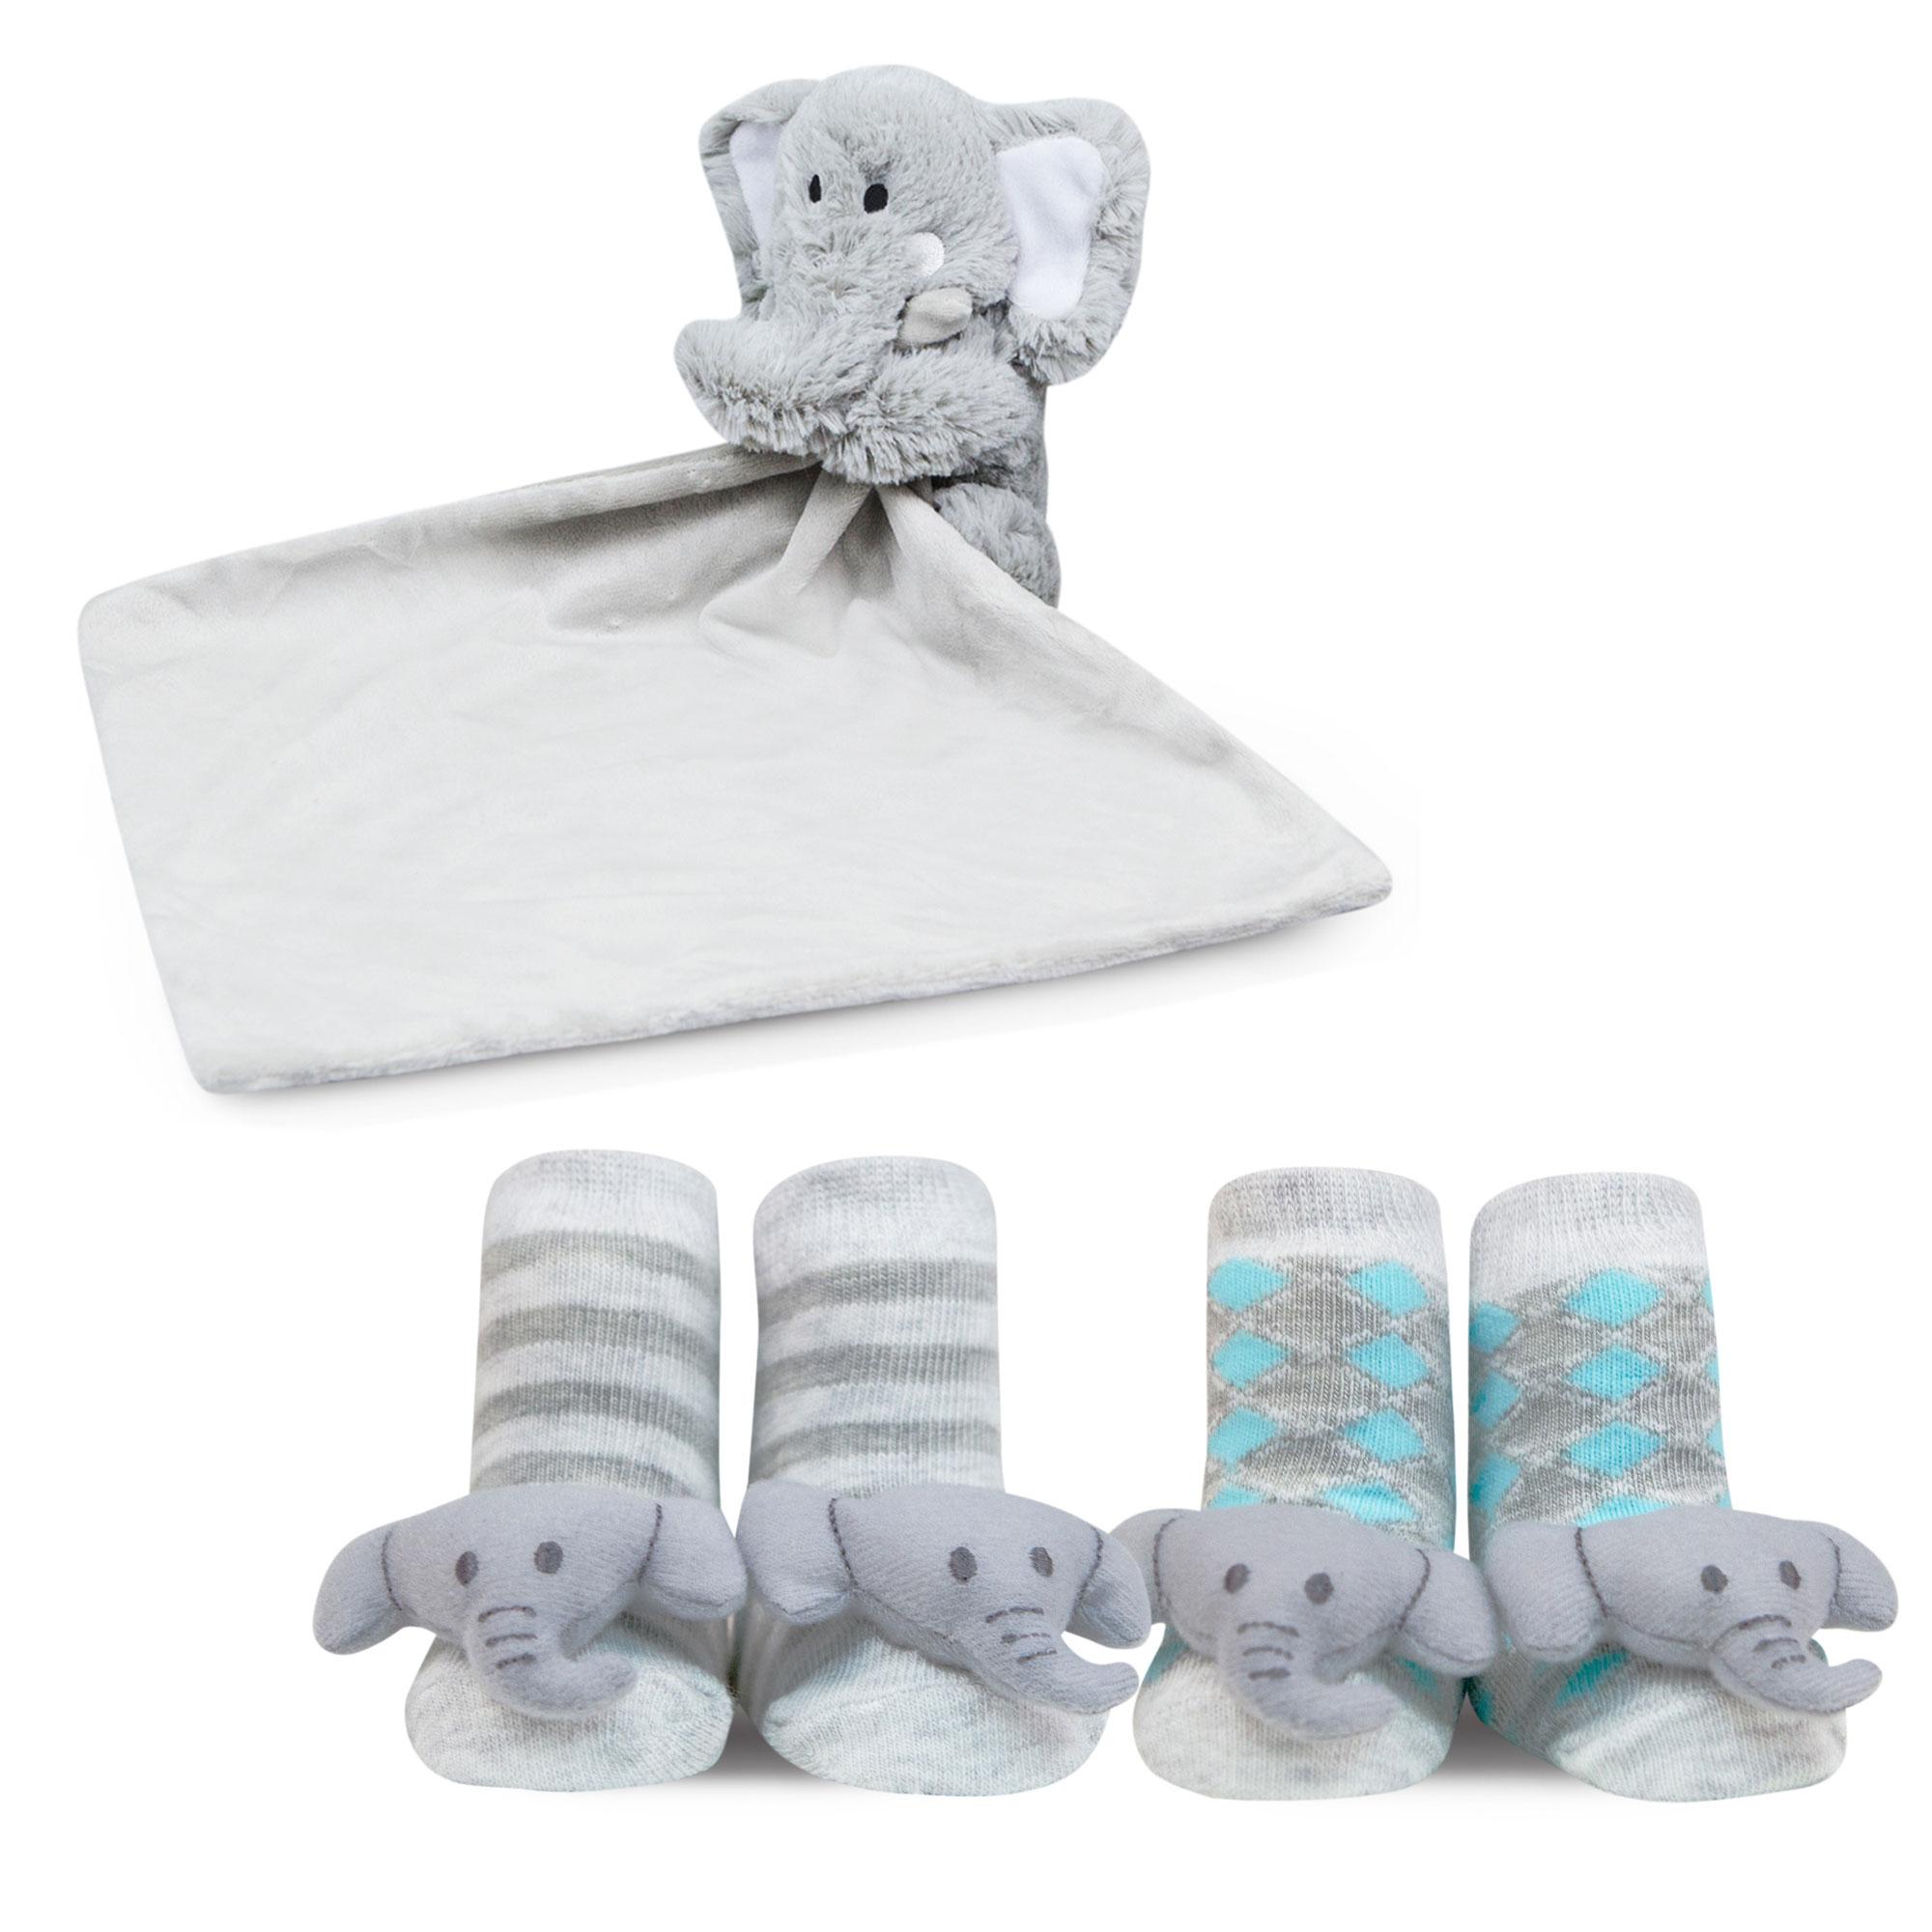 Waddle Baby Gift Set Plush Elephant Security Blanket and Newborn Rattle Socks